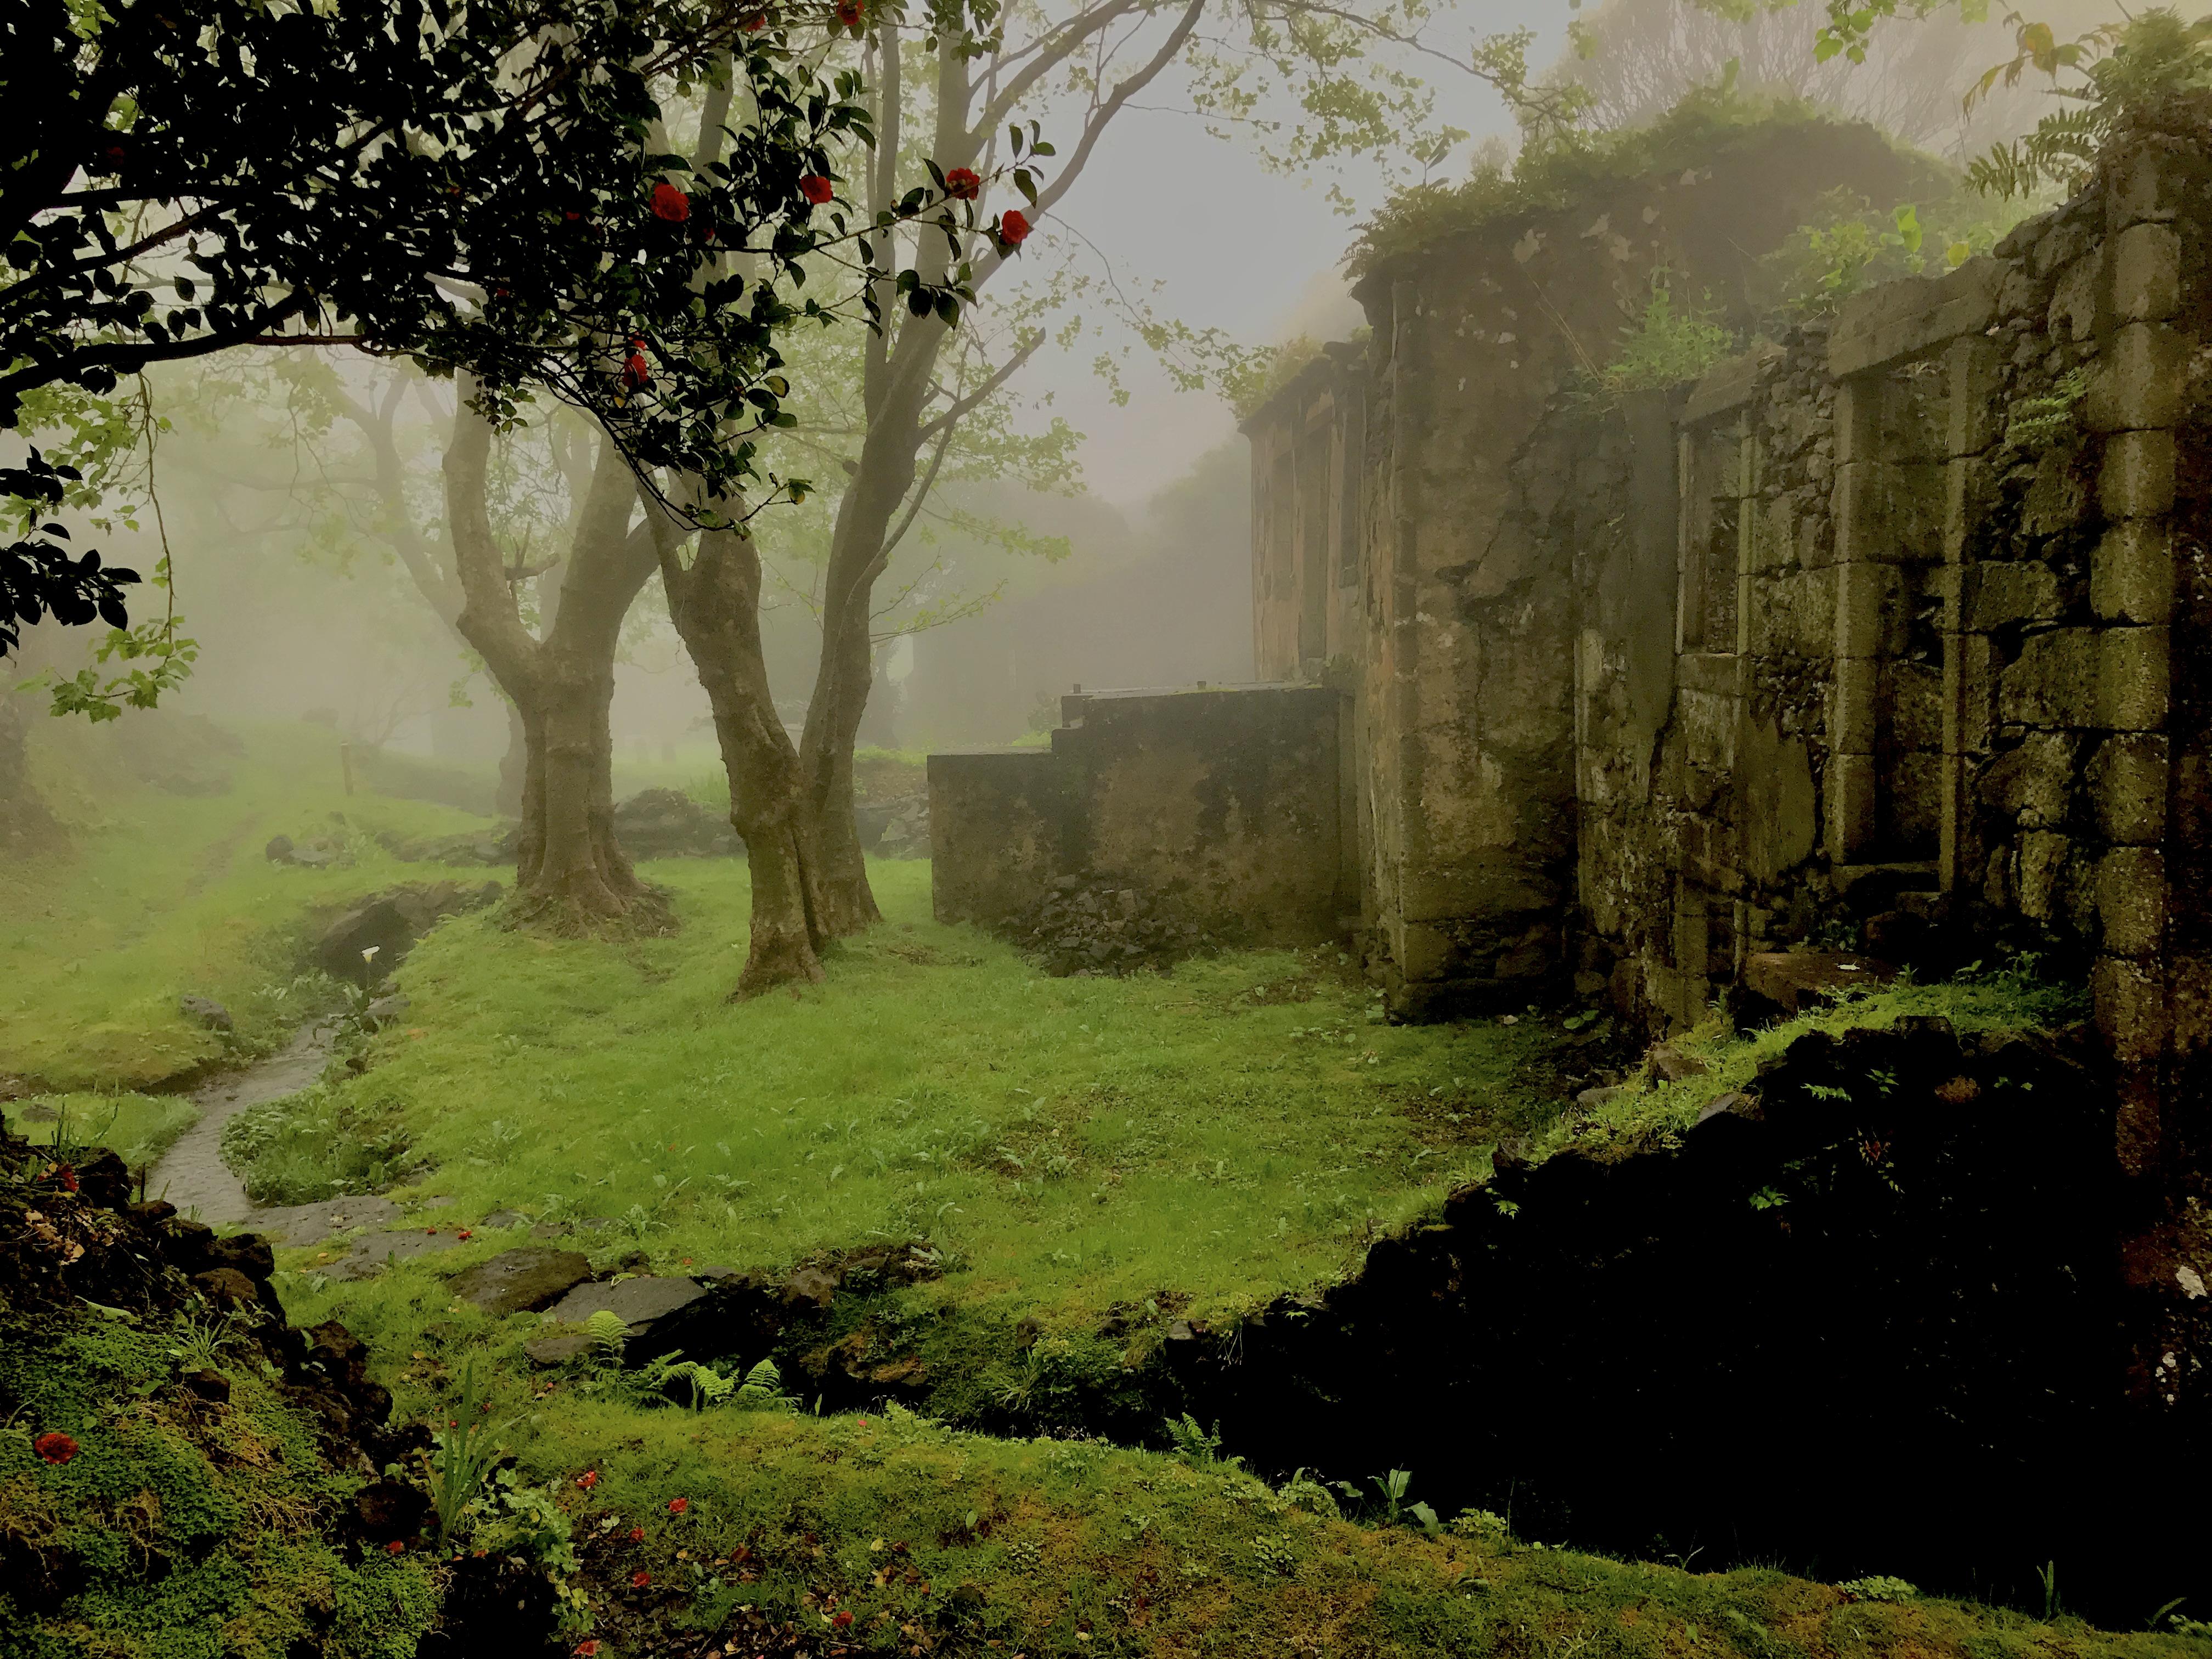 Casa dos Figos Maduros and Casa do Verde under mist